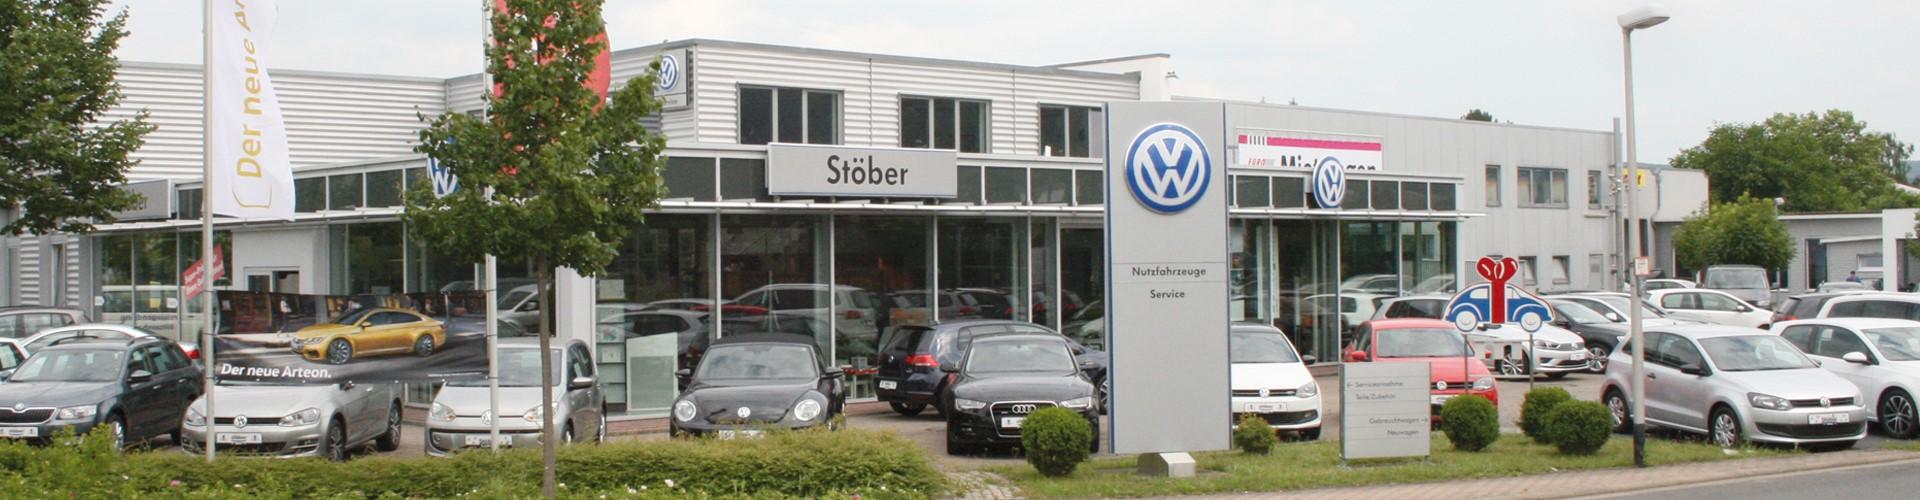 Autohaus stöber witzenhausen